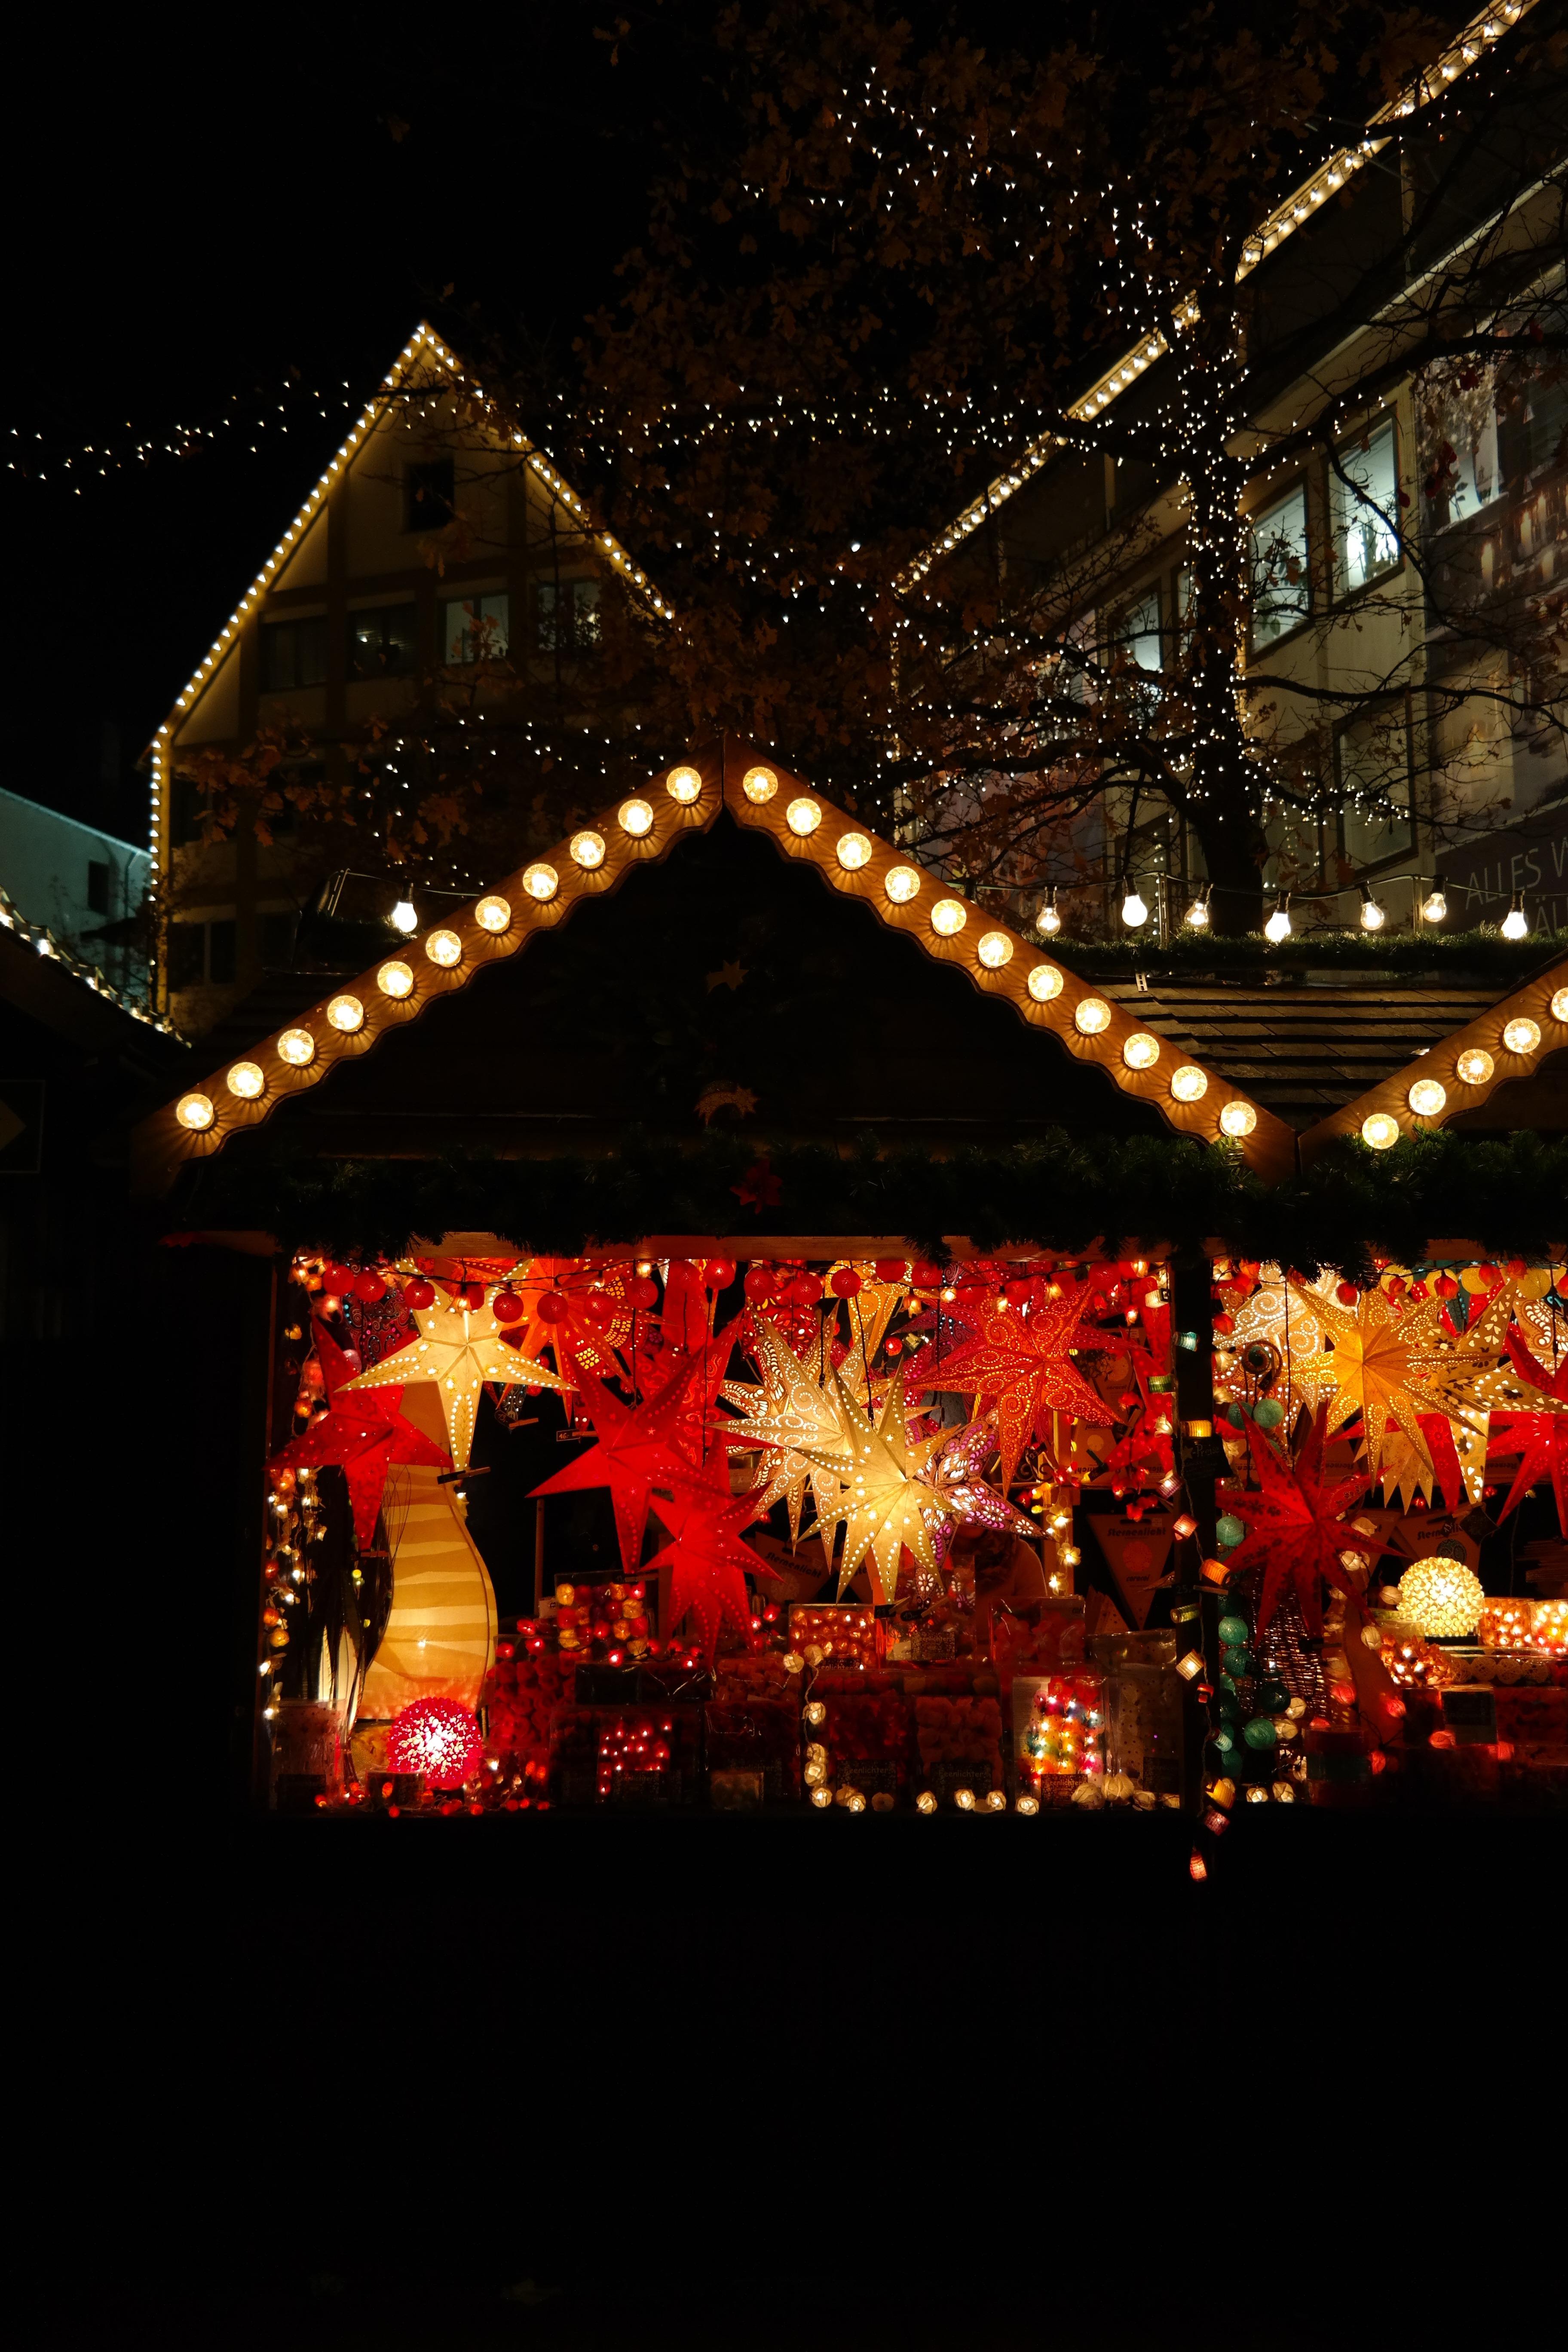 Gratis Afbeeldingen : licht, nacht, ster, vakantie, markt, Kerstmis ...